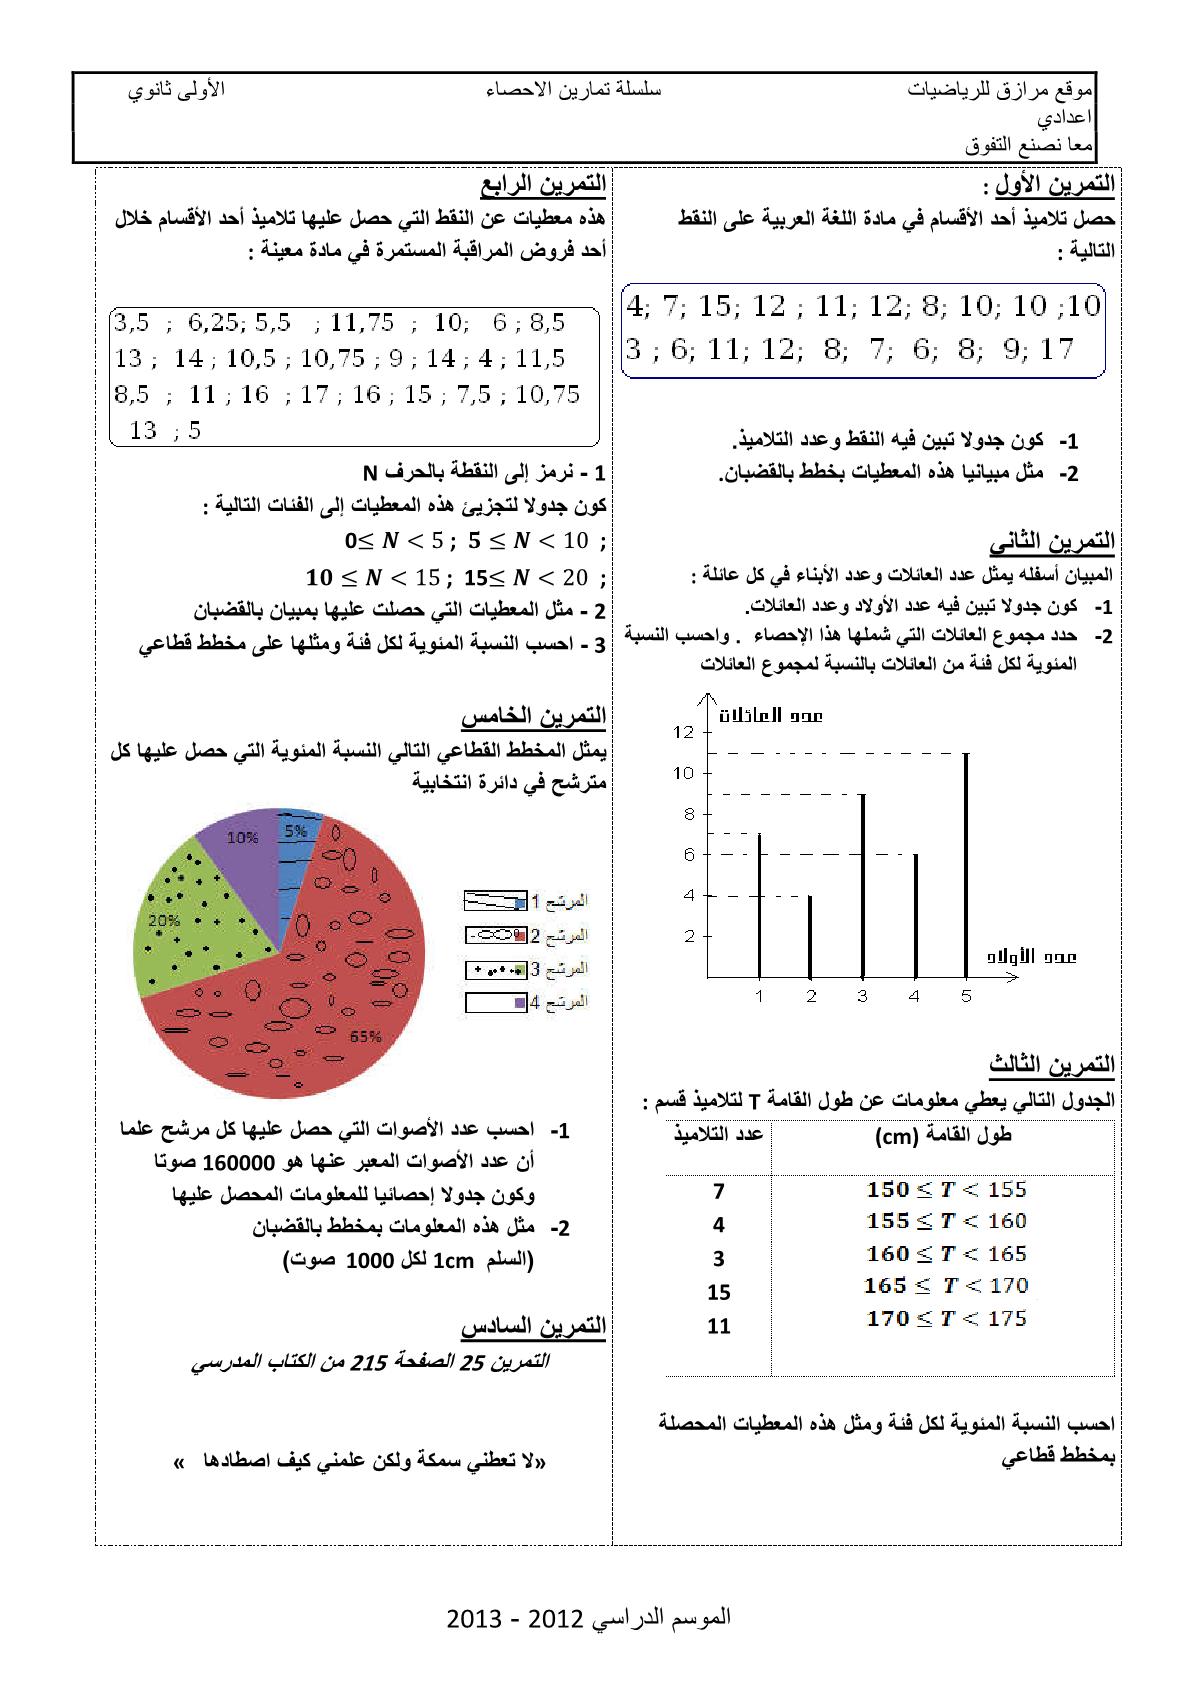 تمارين الإحصاء السلسلة 1 للسنة الأولى إعدادي